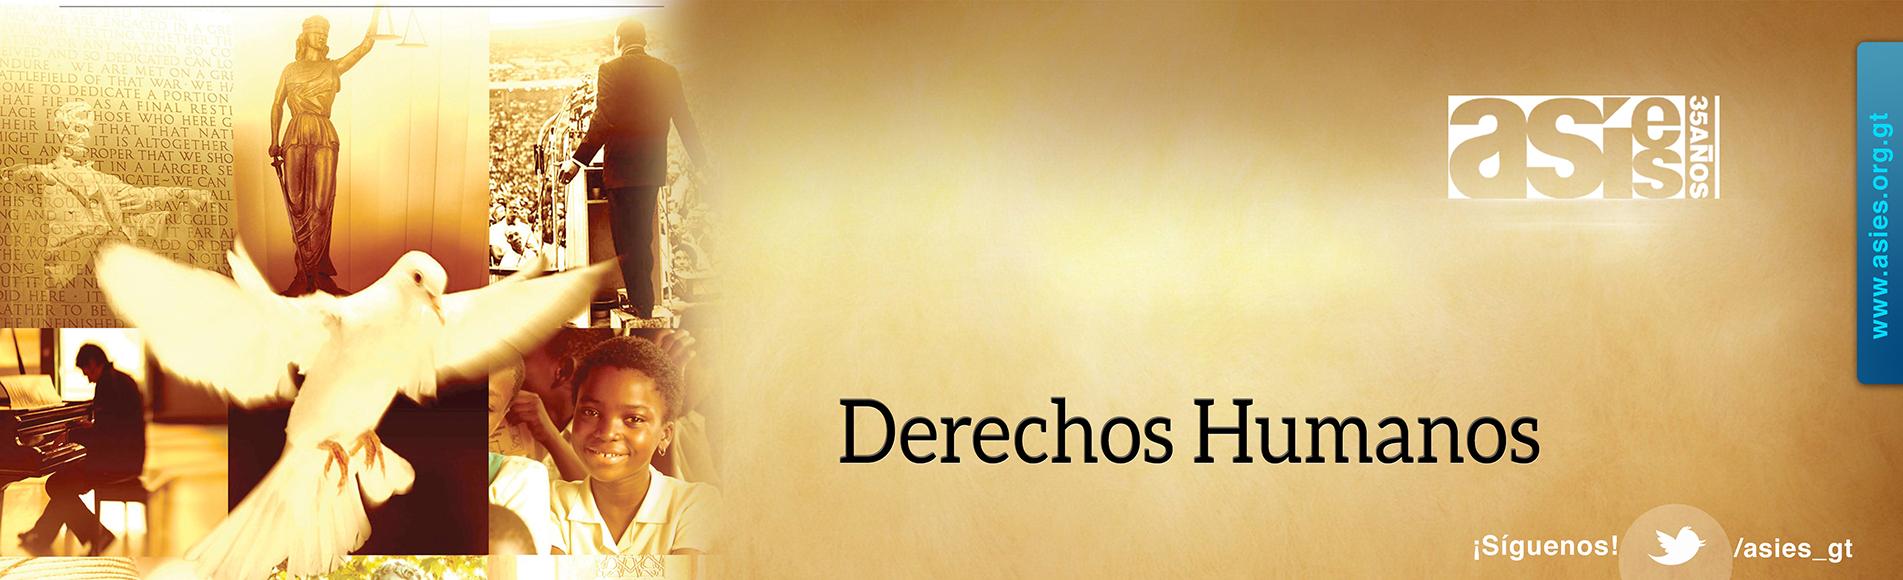 Banner-Slide11Derechos1